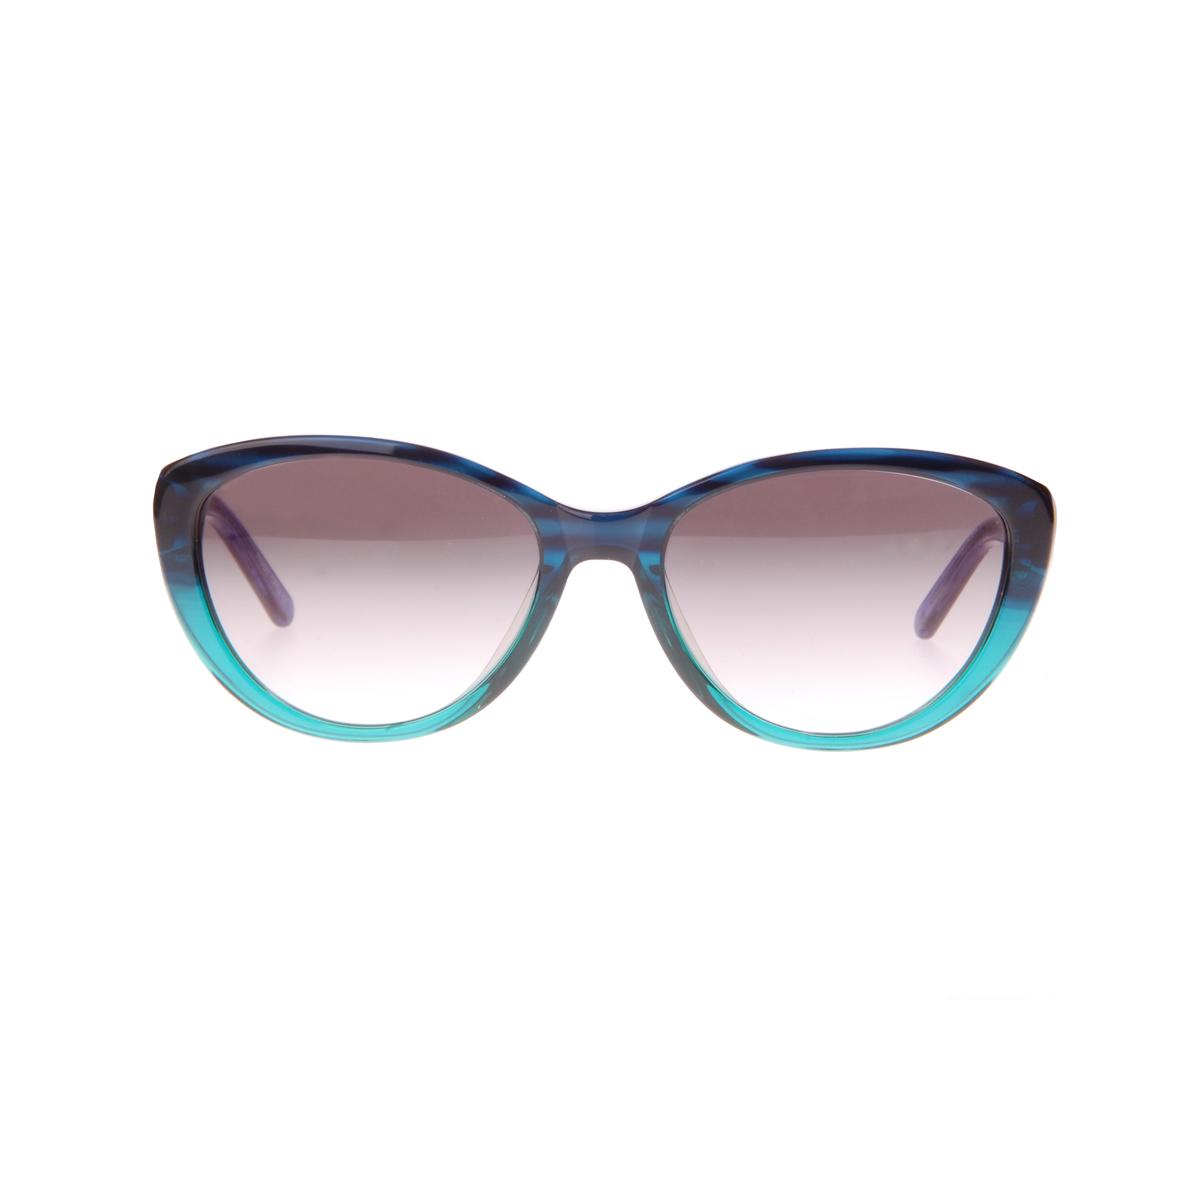 SU2C Stand Up Sunglasses